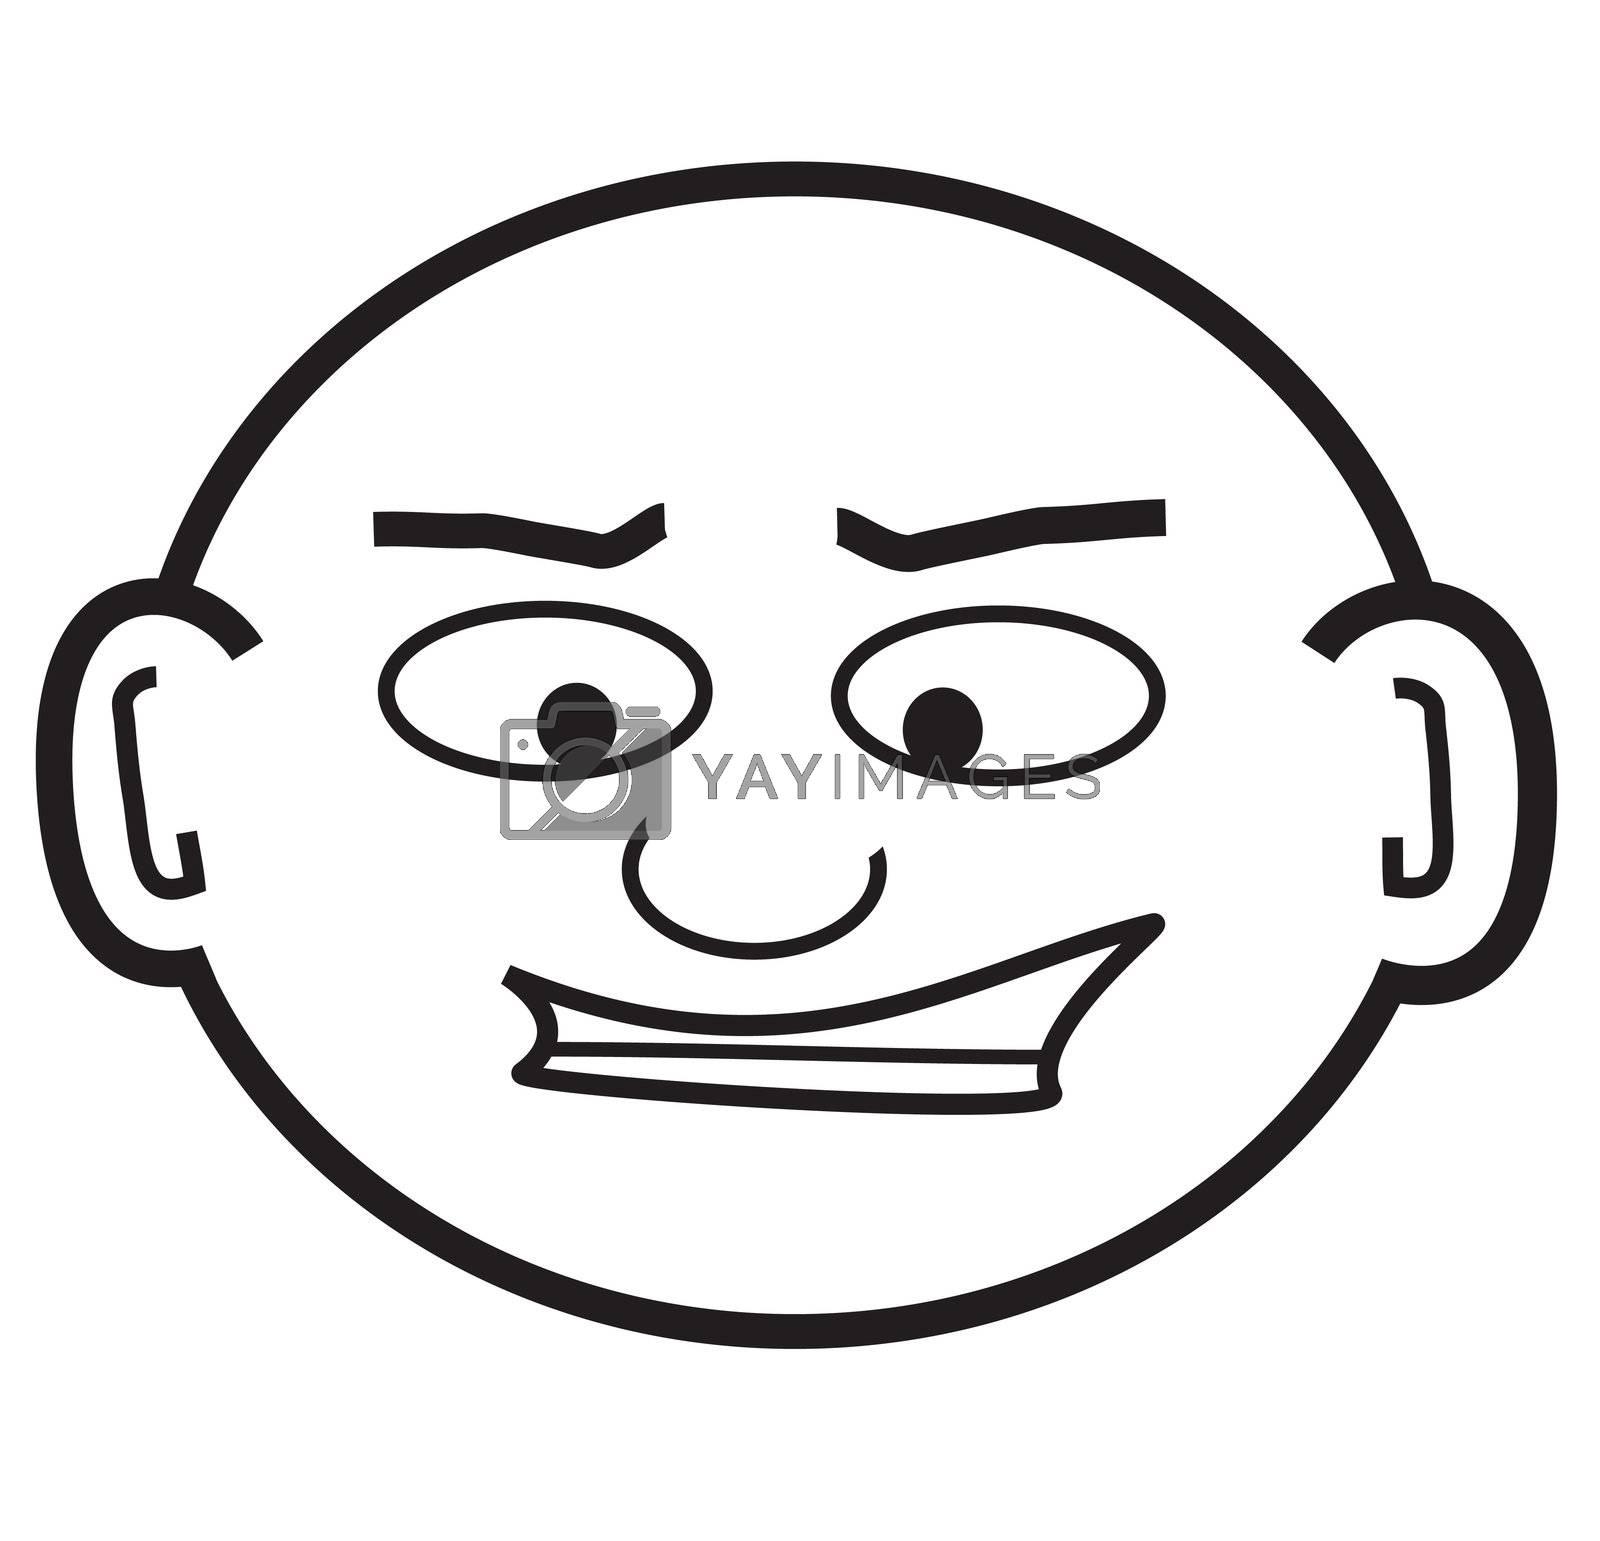 a punk-ish looking cartoon head